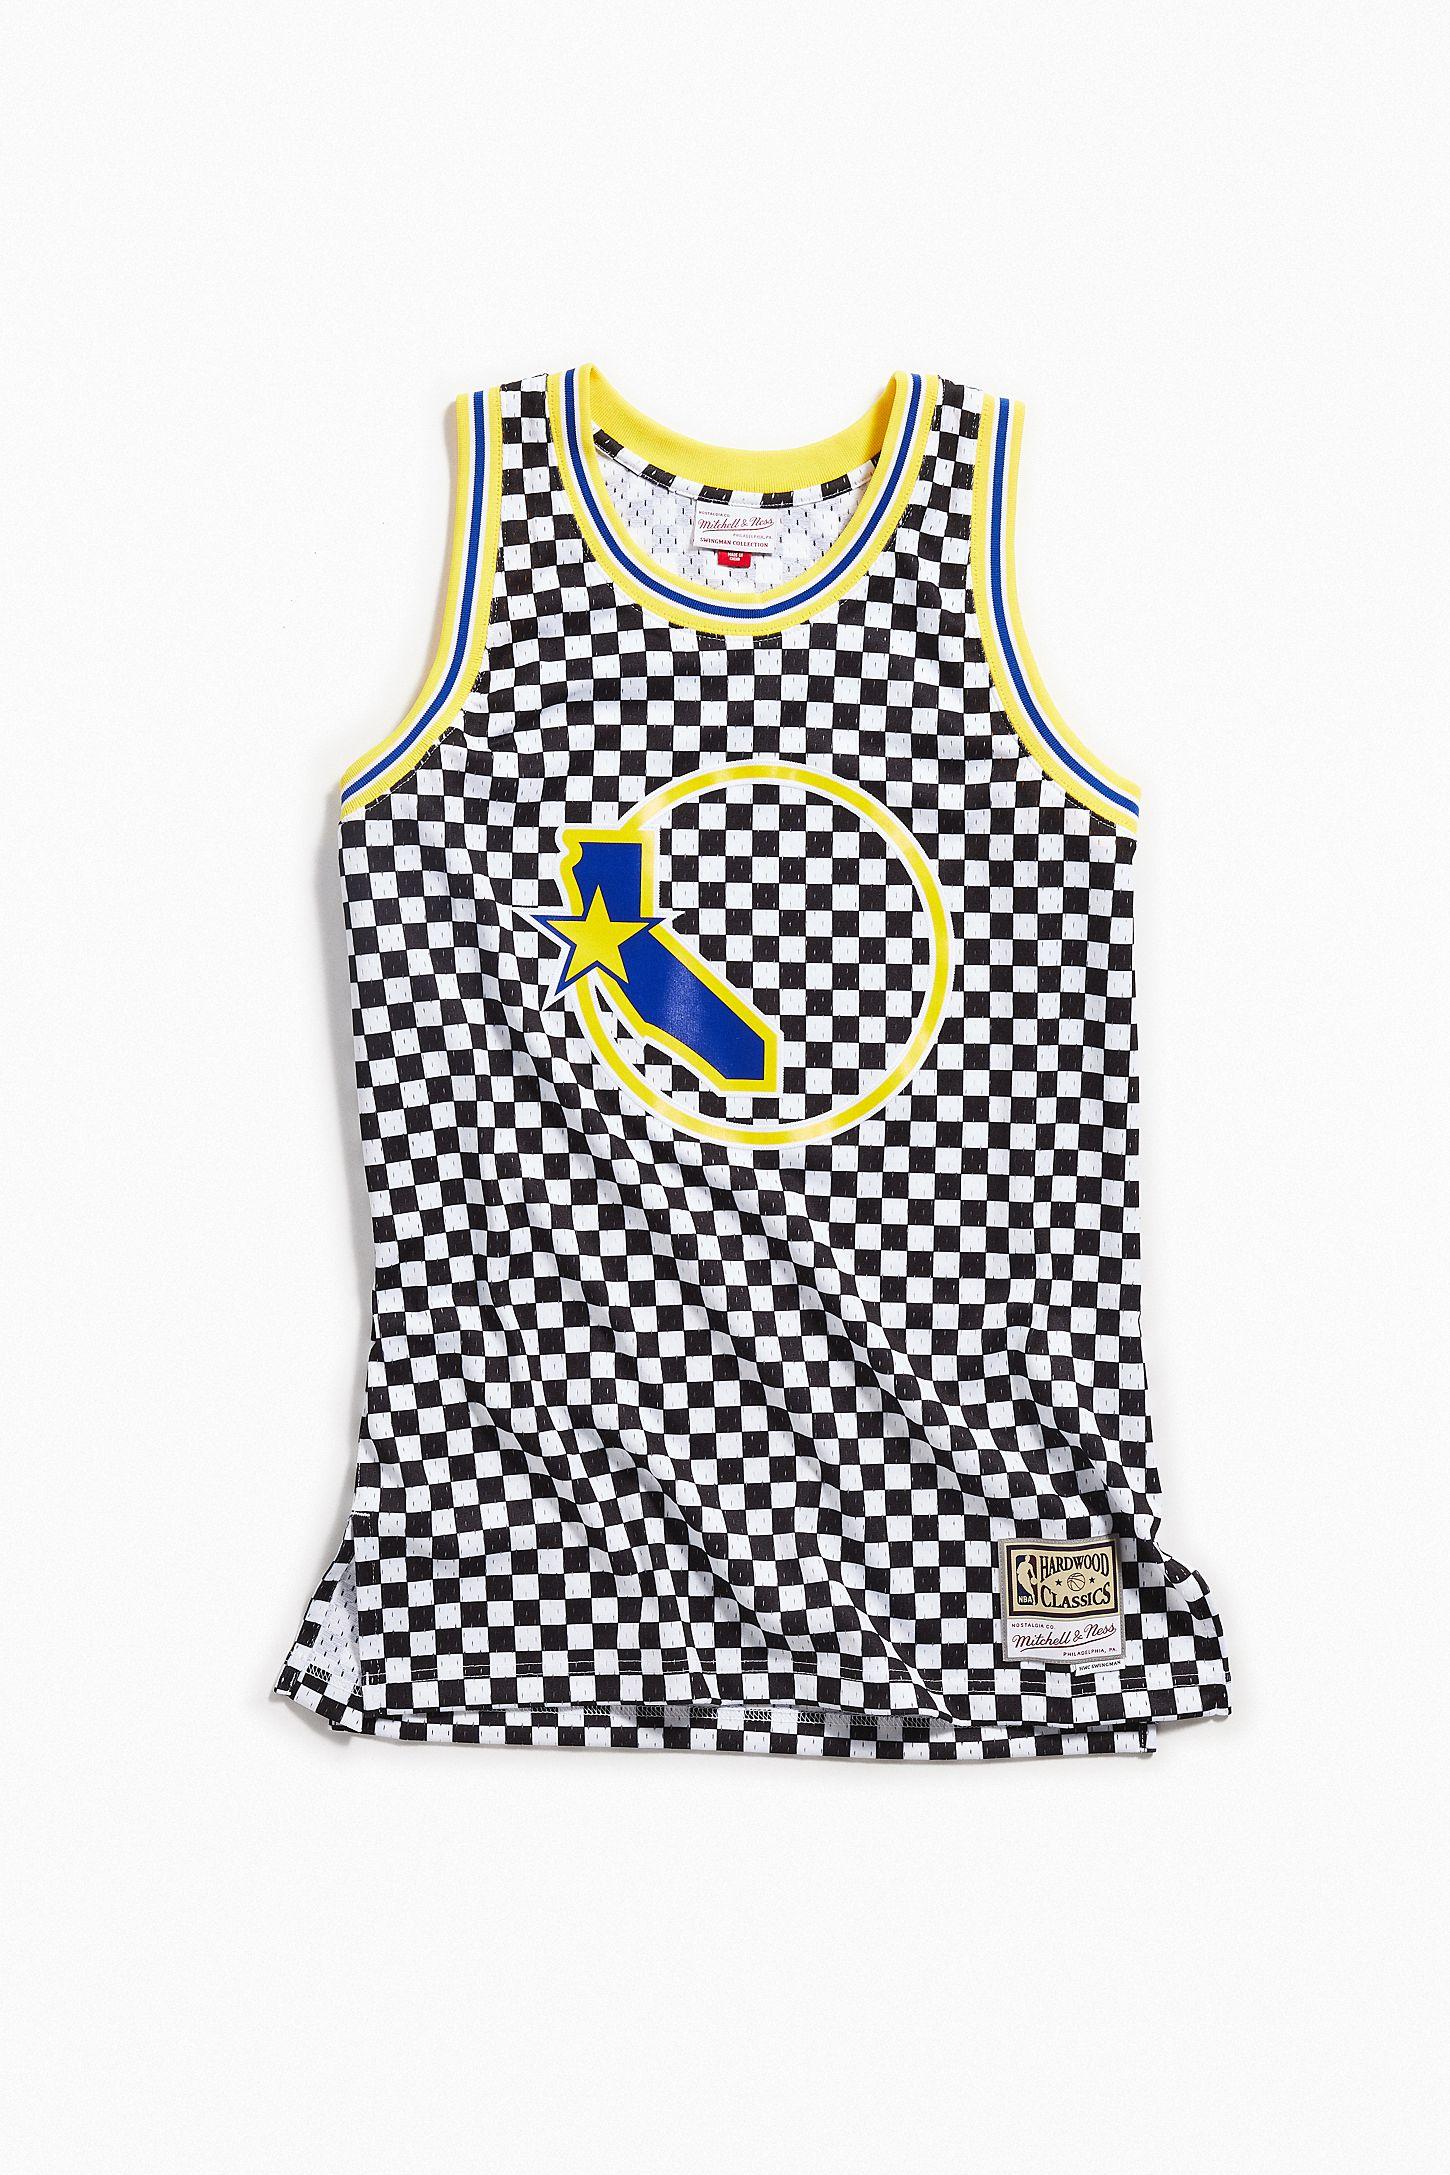 buy popular 13a4d 89e4c Mitchell & Ness Golden State Warriors Checkered Swingman Basketball Jersey